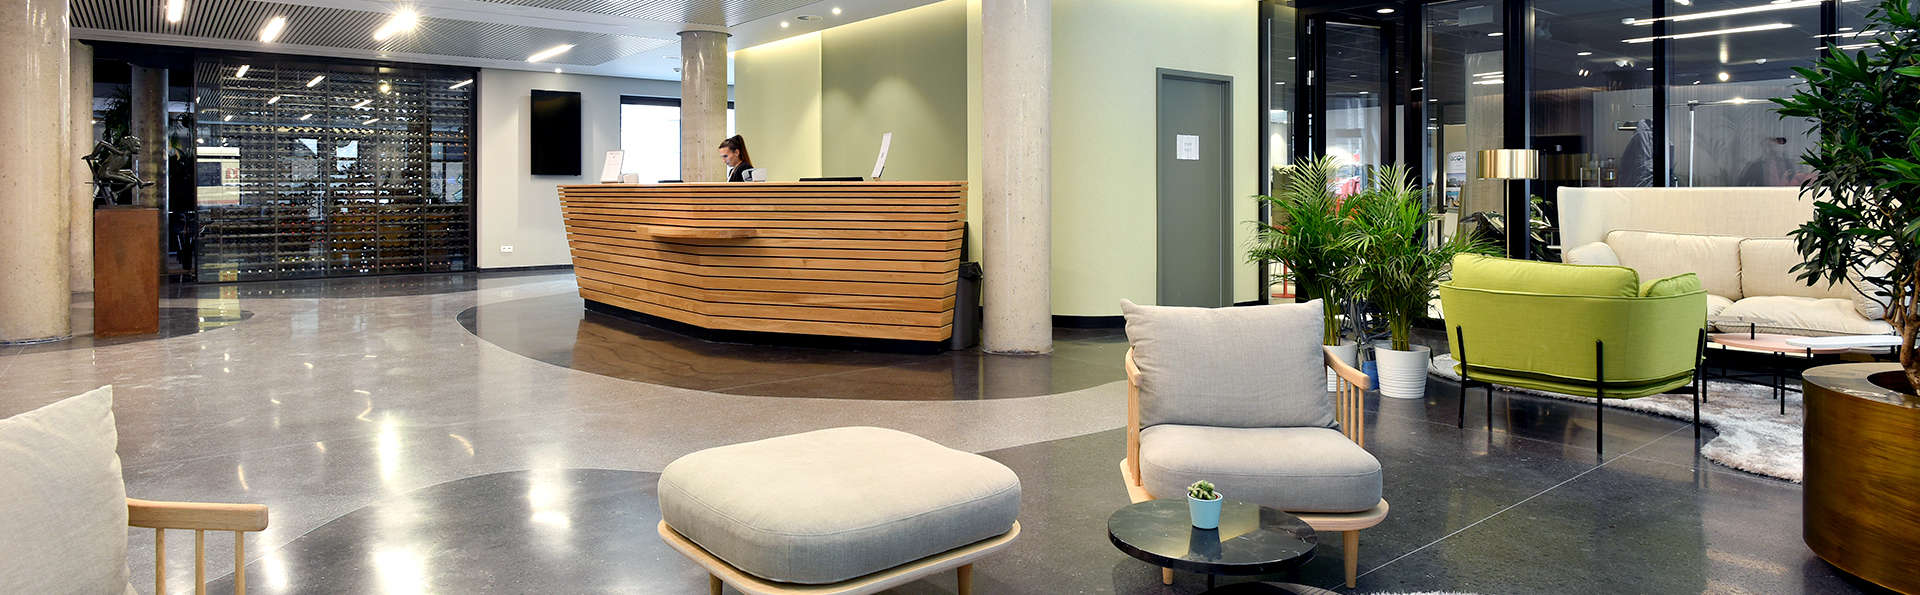 Promo spéciale : Profitez de cet hôtel flambant neuf à Louvain-la-Neuve